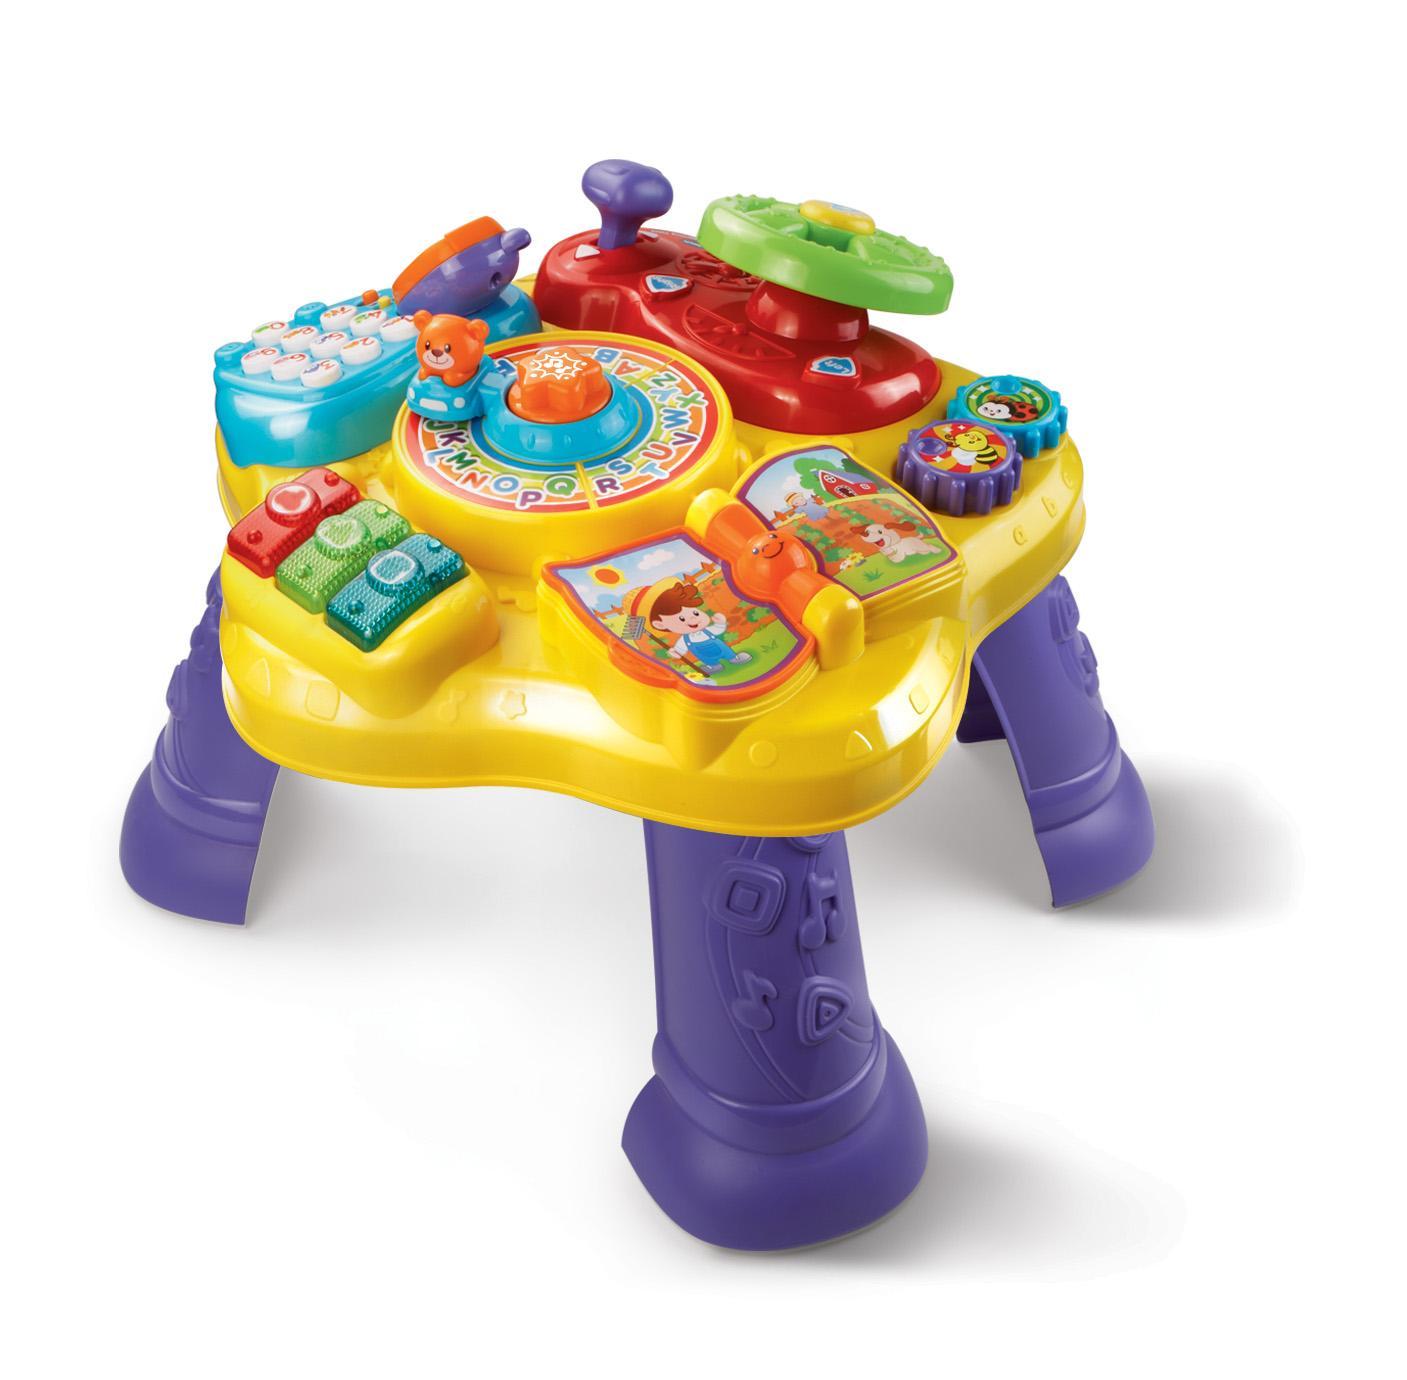 Learning Desk Activity Table Vtech Children Kids Toys